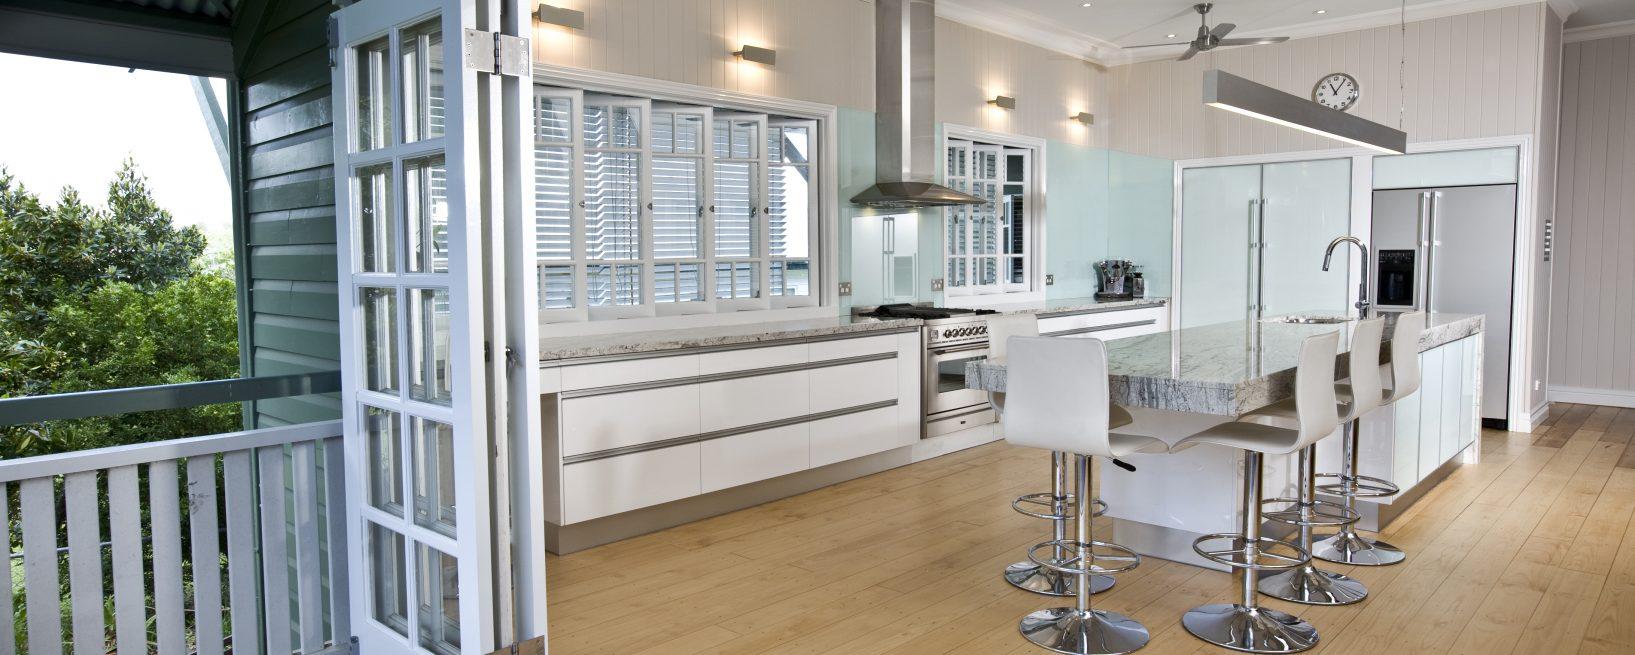 The Grange - Kitchen Renovation